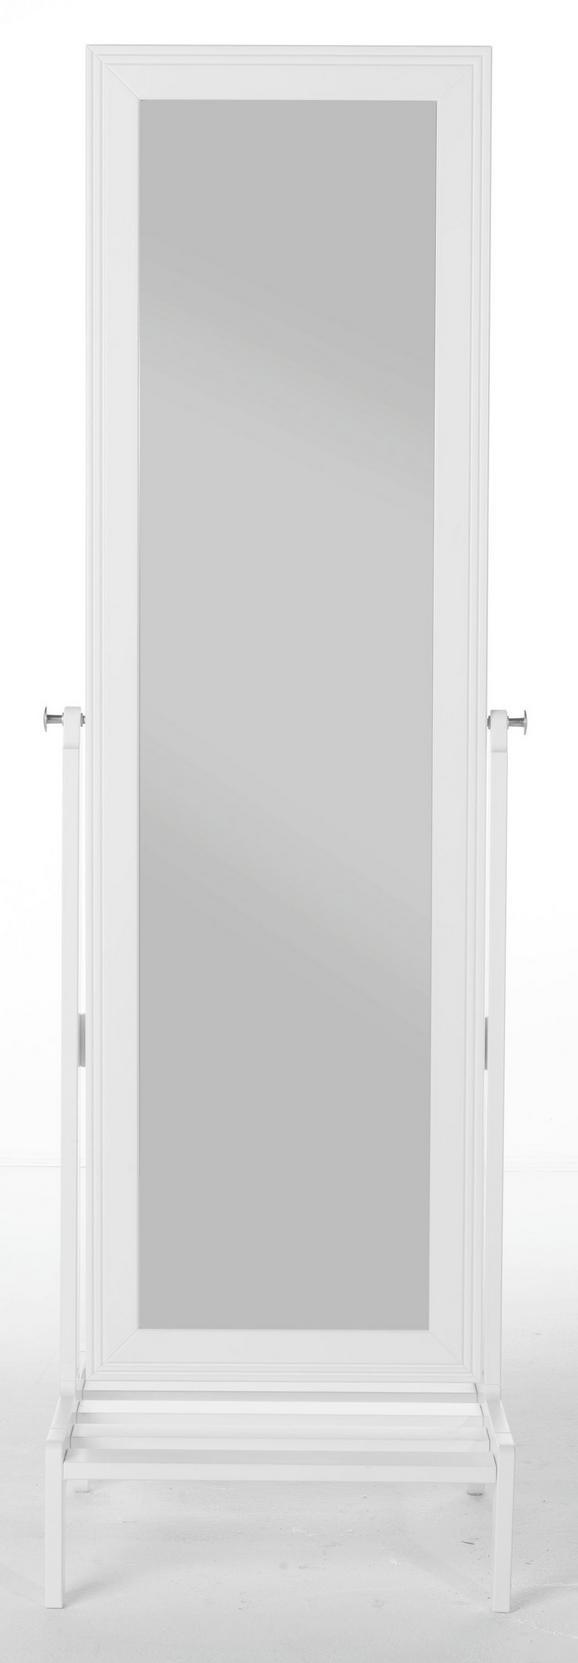 Standspiegel ca. 50x170x50cm - Weiß, LIFESTYLE, Holz (50/169.5/50cm) - Landscape